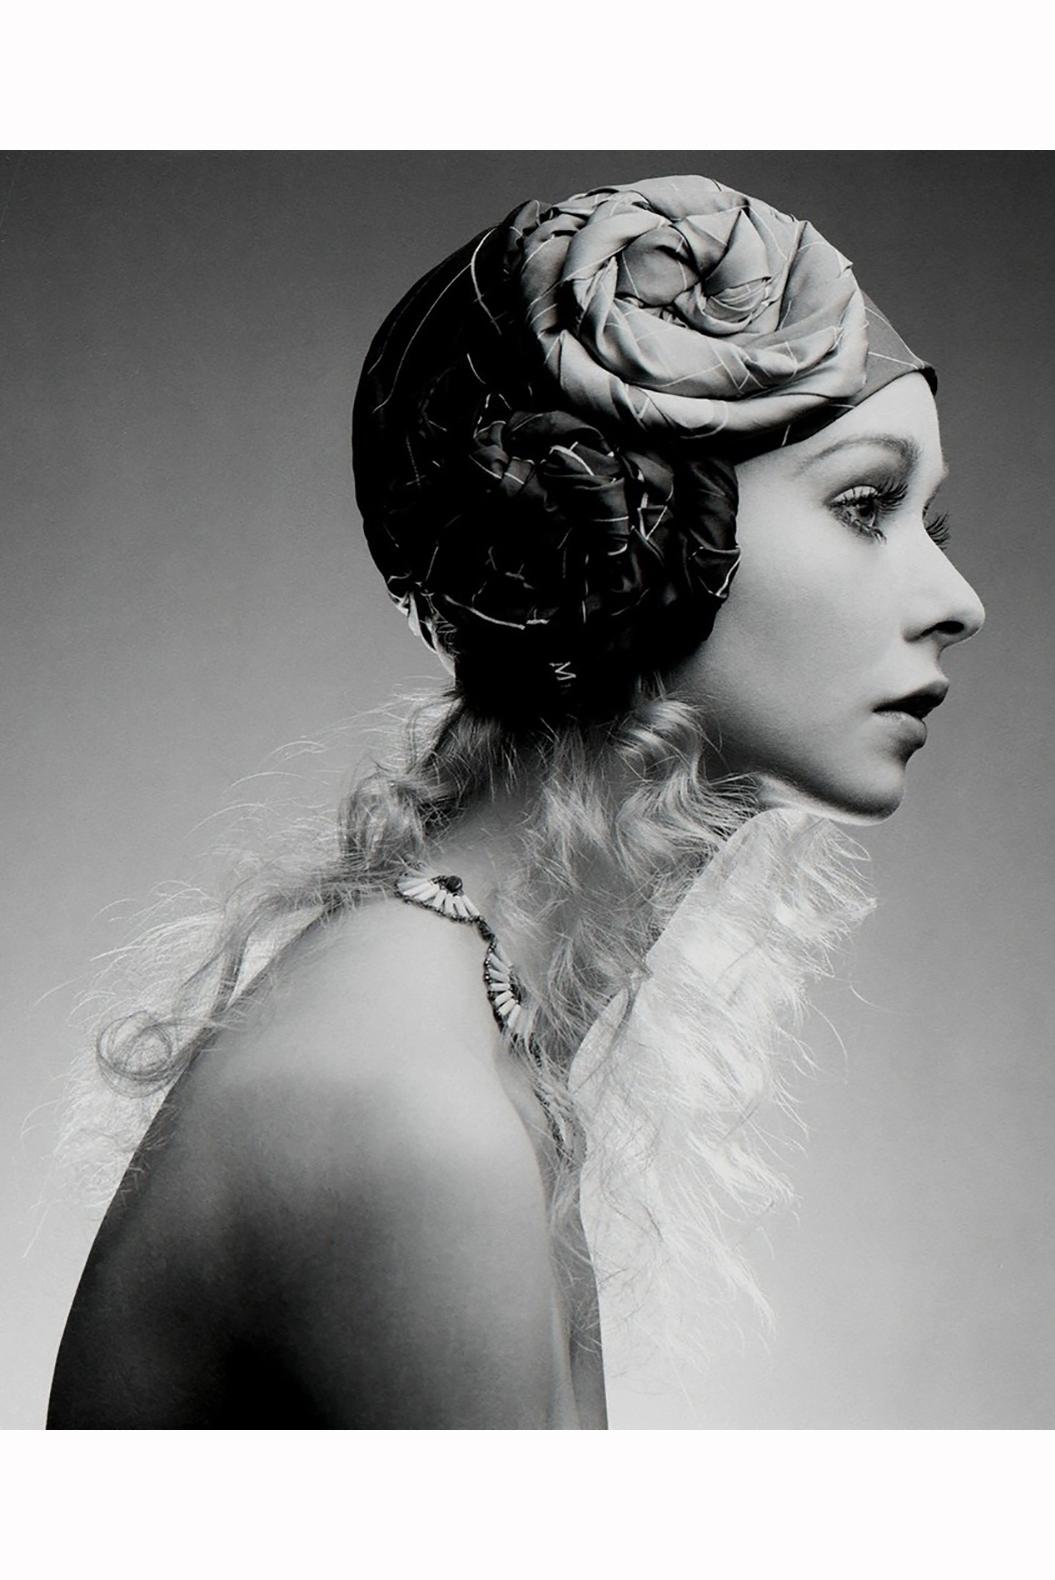 Maudie Dunham